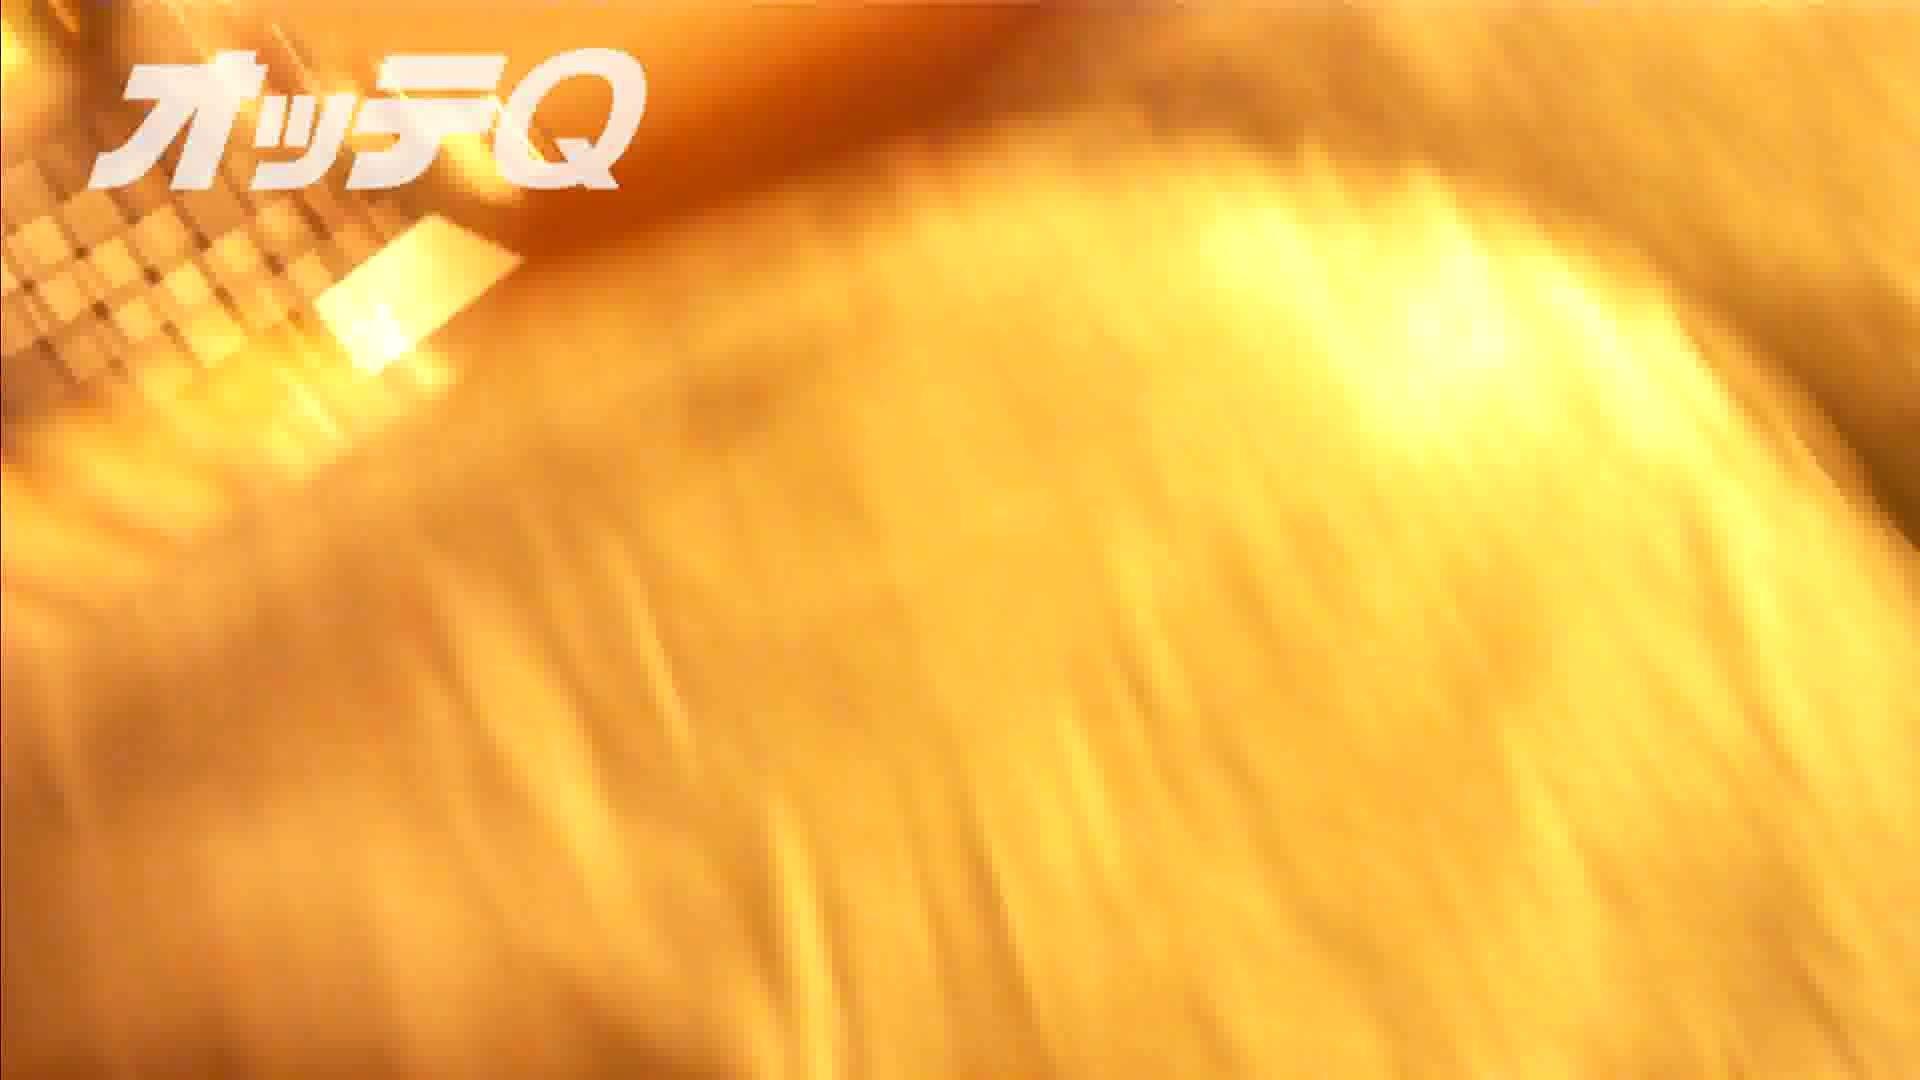 ハイビジョンパンチラ オッテQさんの追跡パンチラデパート編VOL.04 パンツ | ギャル・コレクション  42連発 9